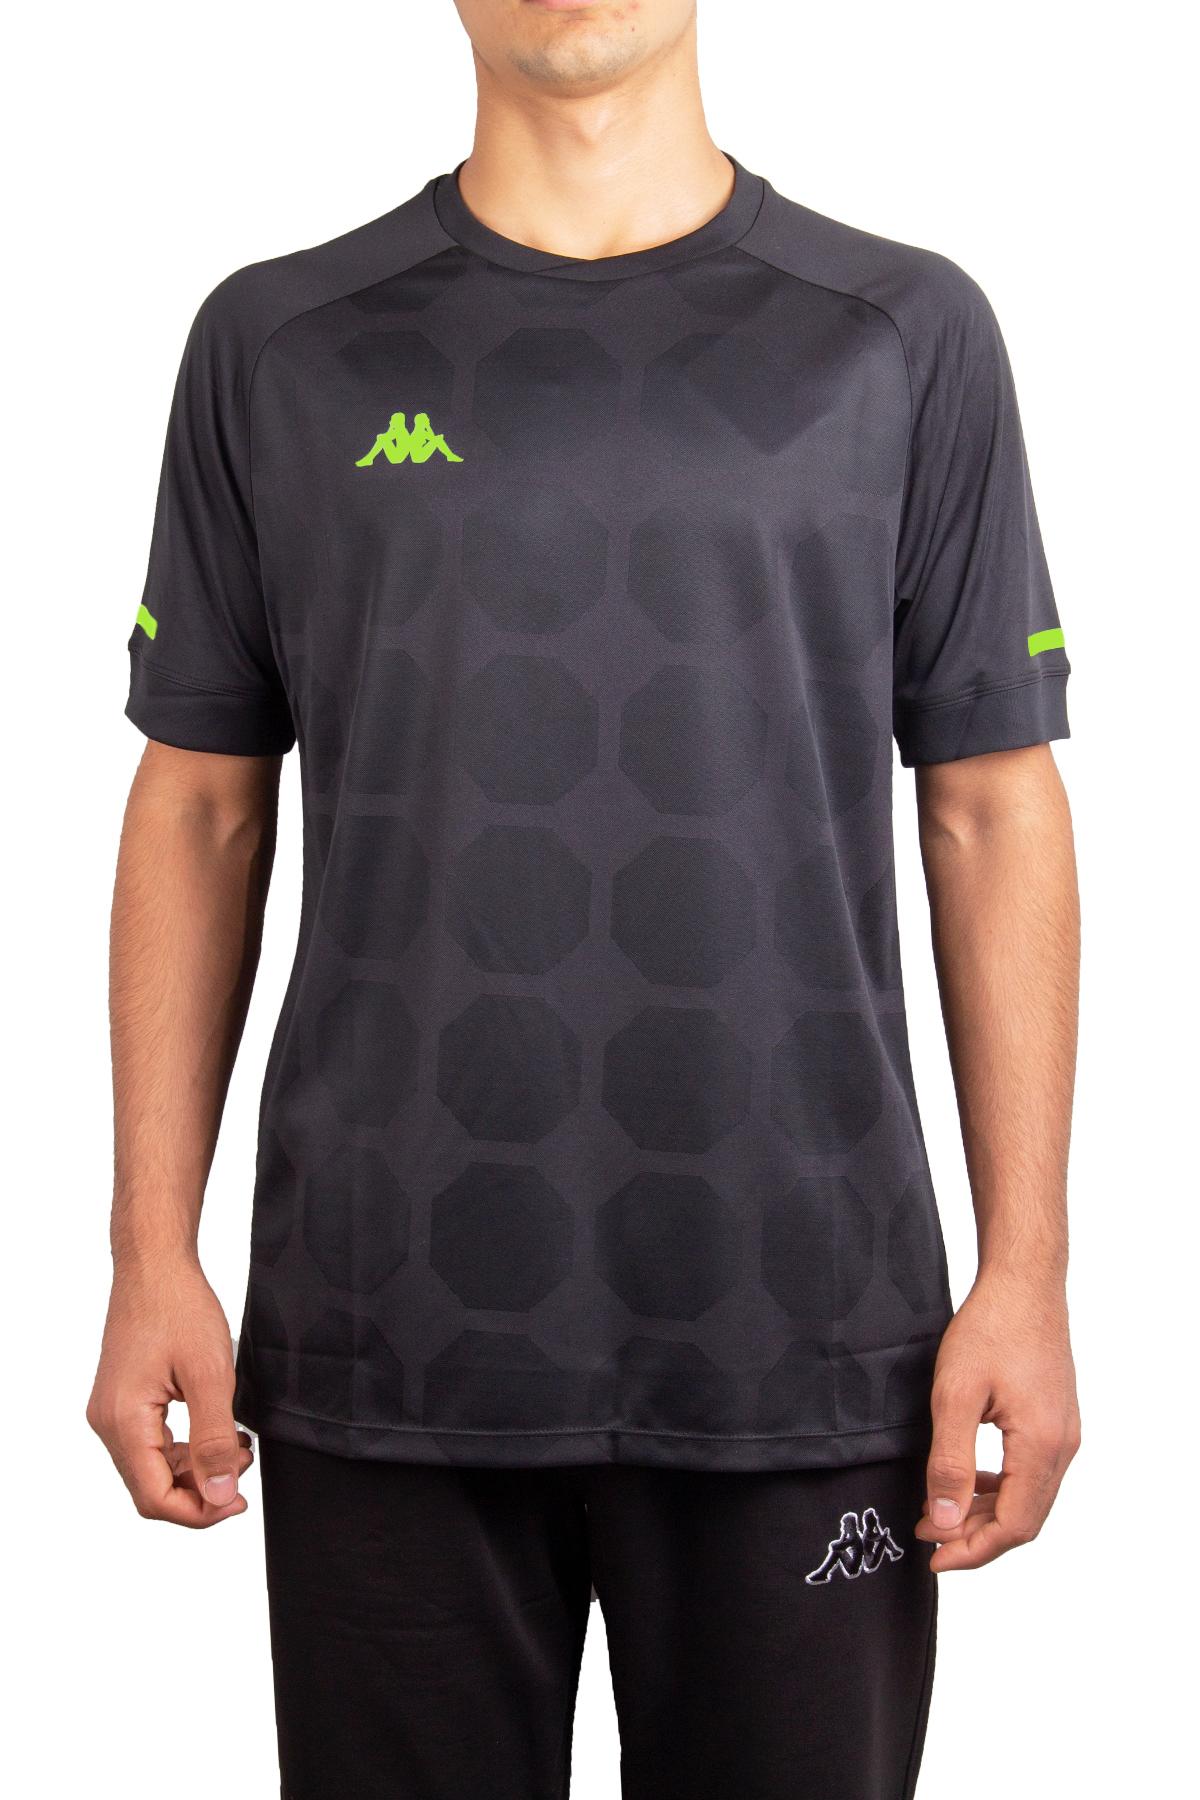 Kappa Poly T-Shirt SOTO Siyah/Yeşil (1-303WG20-298)